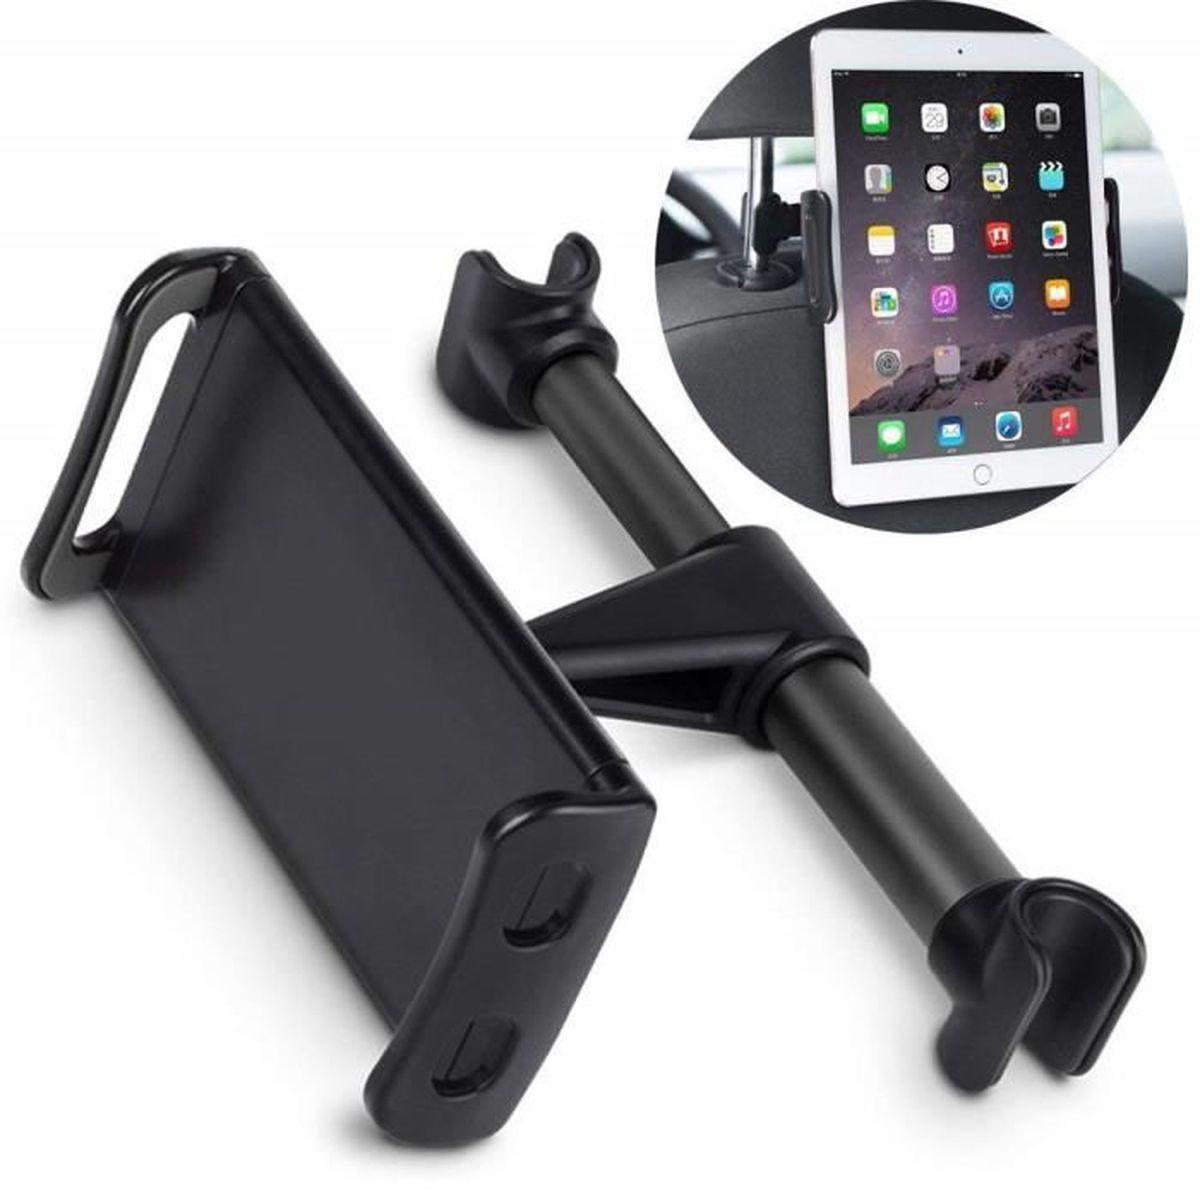 G/én/érique /Étui Extensible avec Support pour Smartphones et tablettes